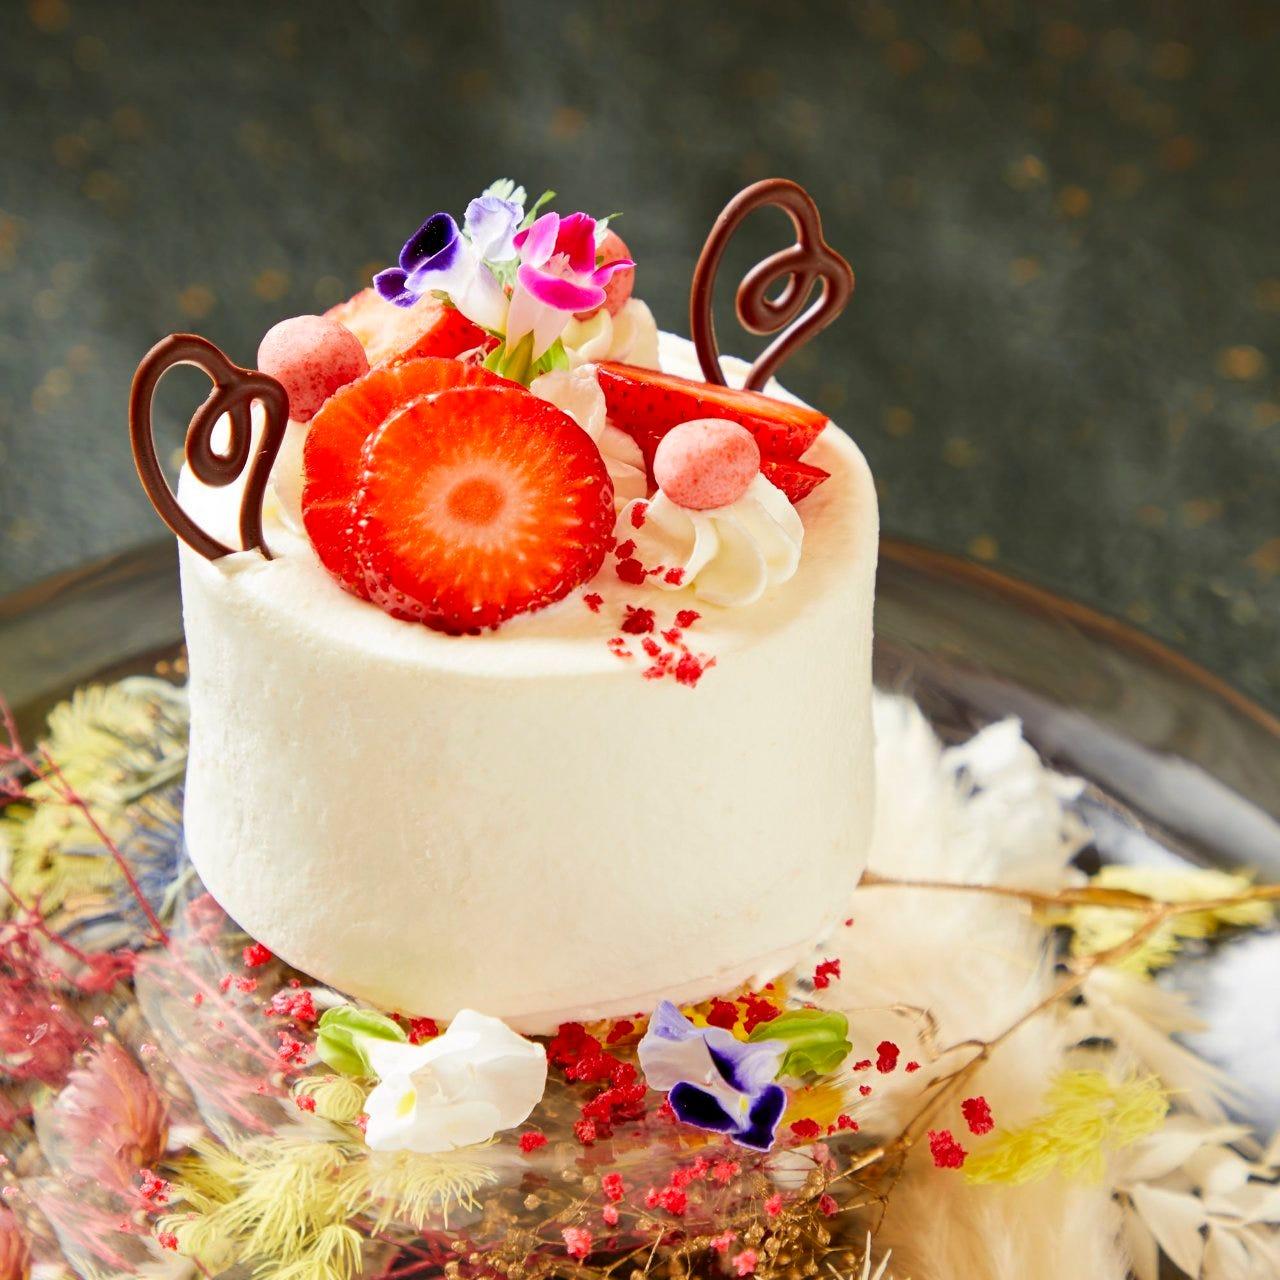 【特別記念日×贅づくし懐石/12品】ホールケーキ付き・料理長厳選の食材を愉しむ特別な記念日に